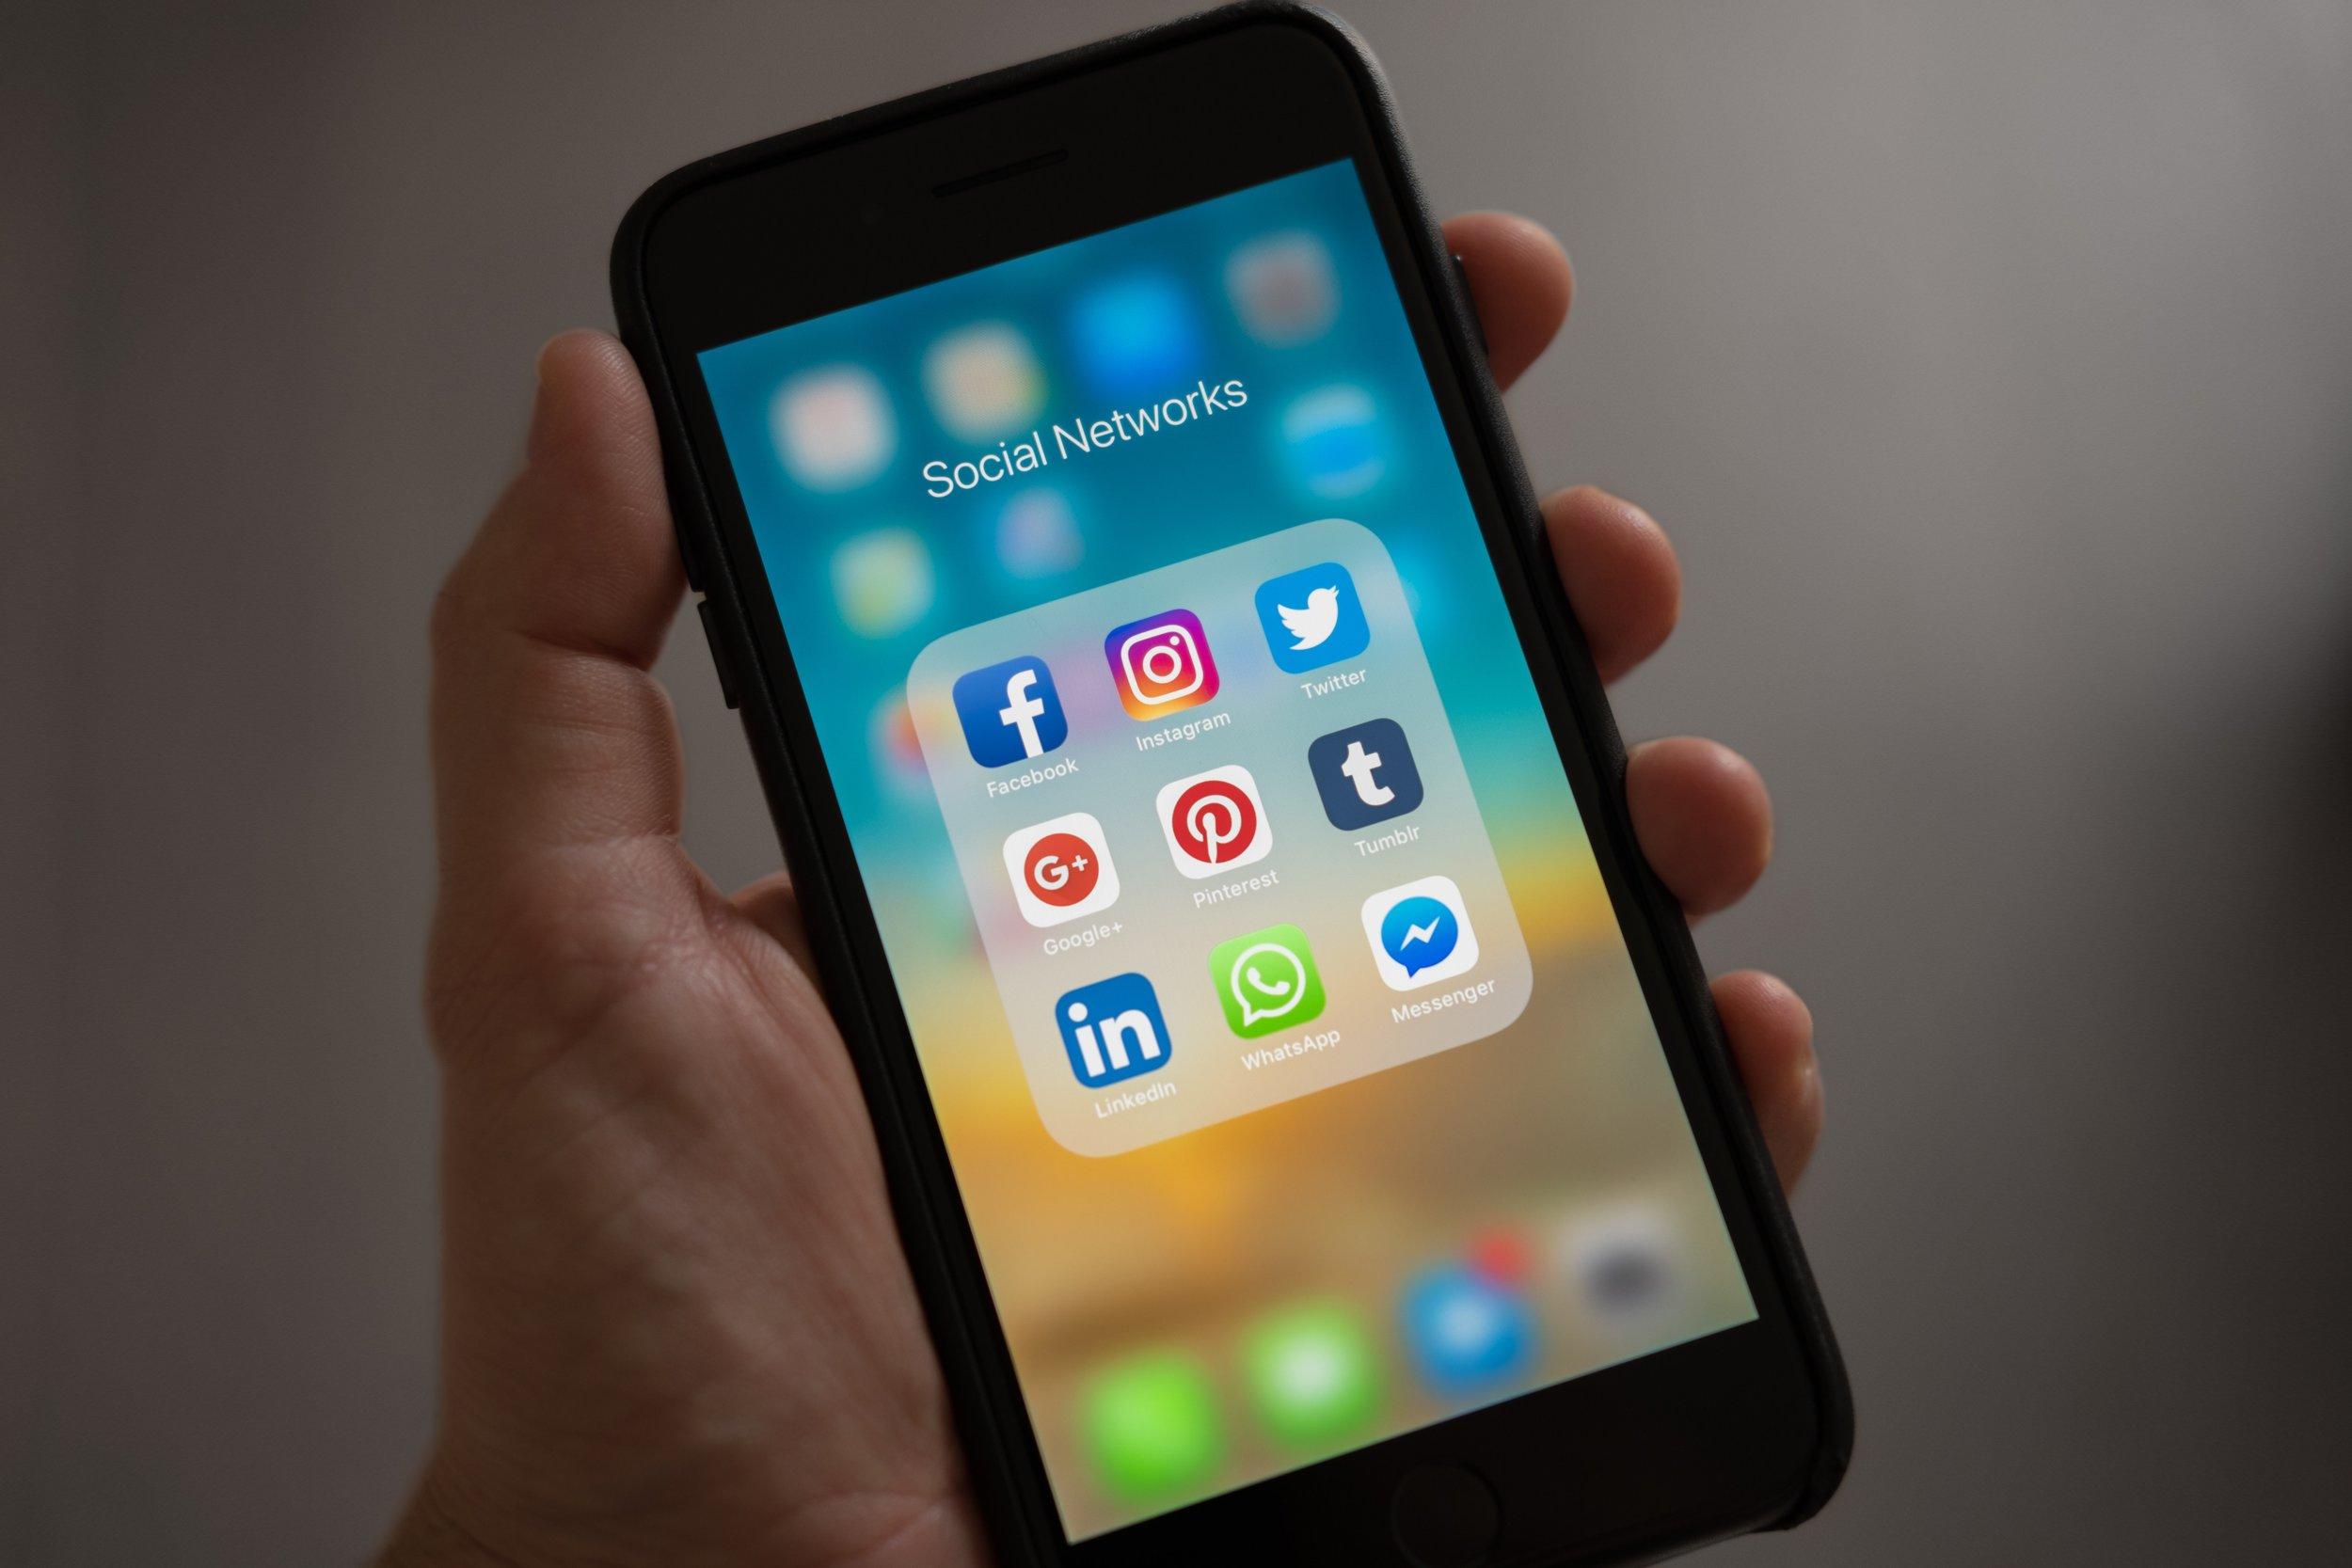 Comunicación - Se refiere a la habilidad de compartir ideas, preguntas y soluciones. Cómo usamos la tecnología para comunicar lo que hemos desarrollado.